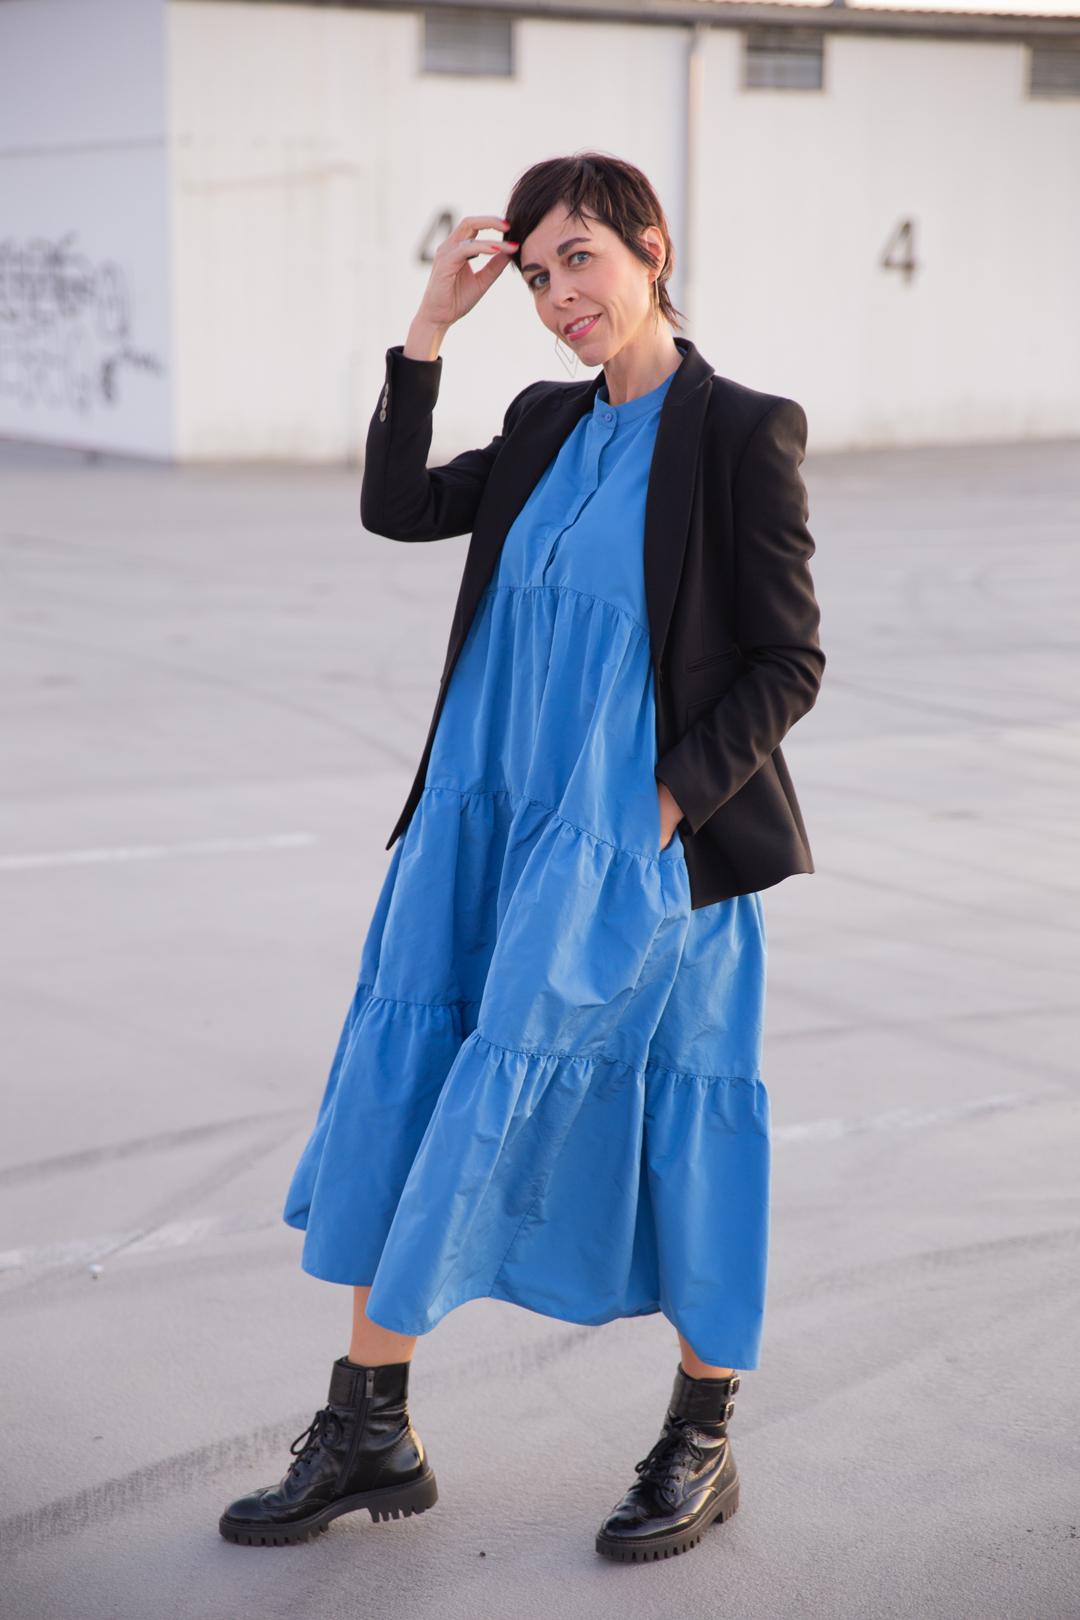 Frau mit Blusenkleid in der Trendfarbe Royalblau Herbst 2019